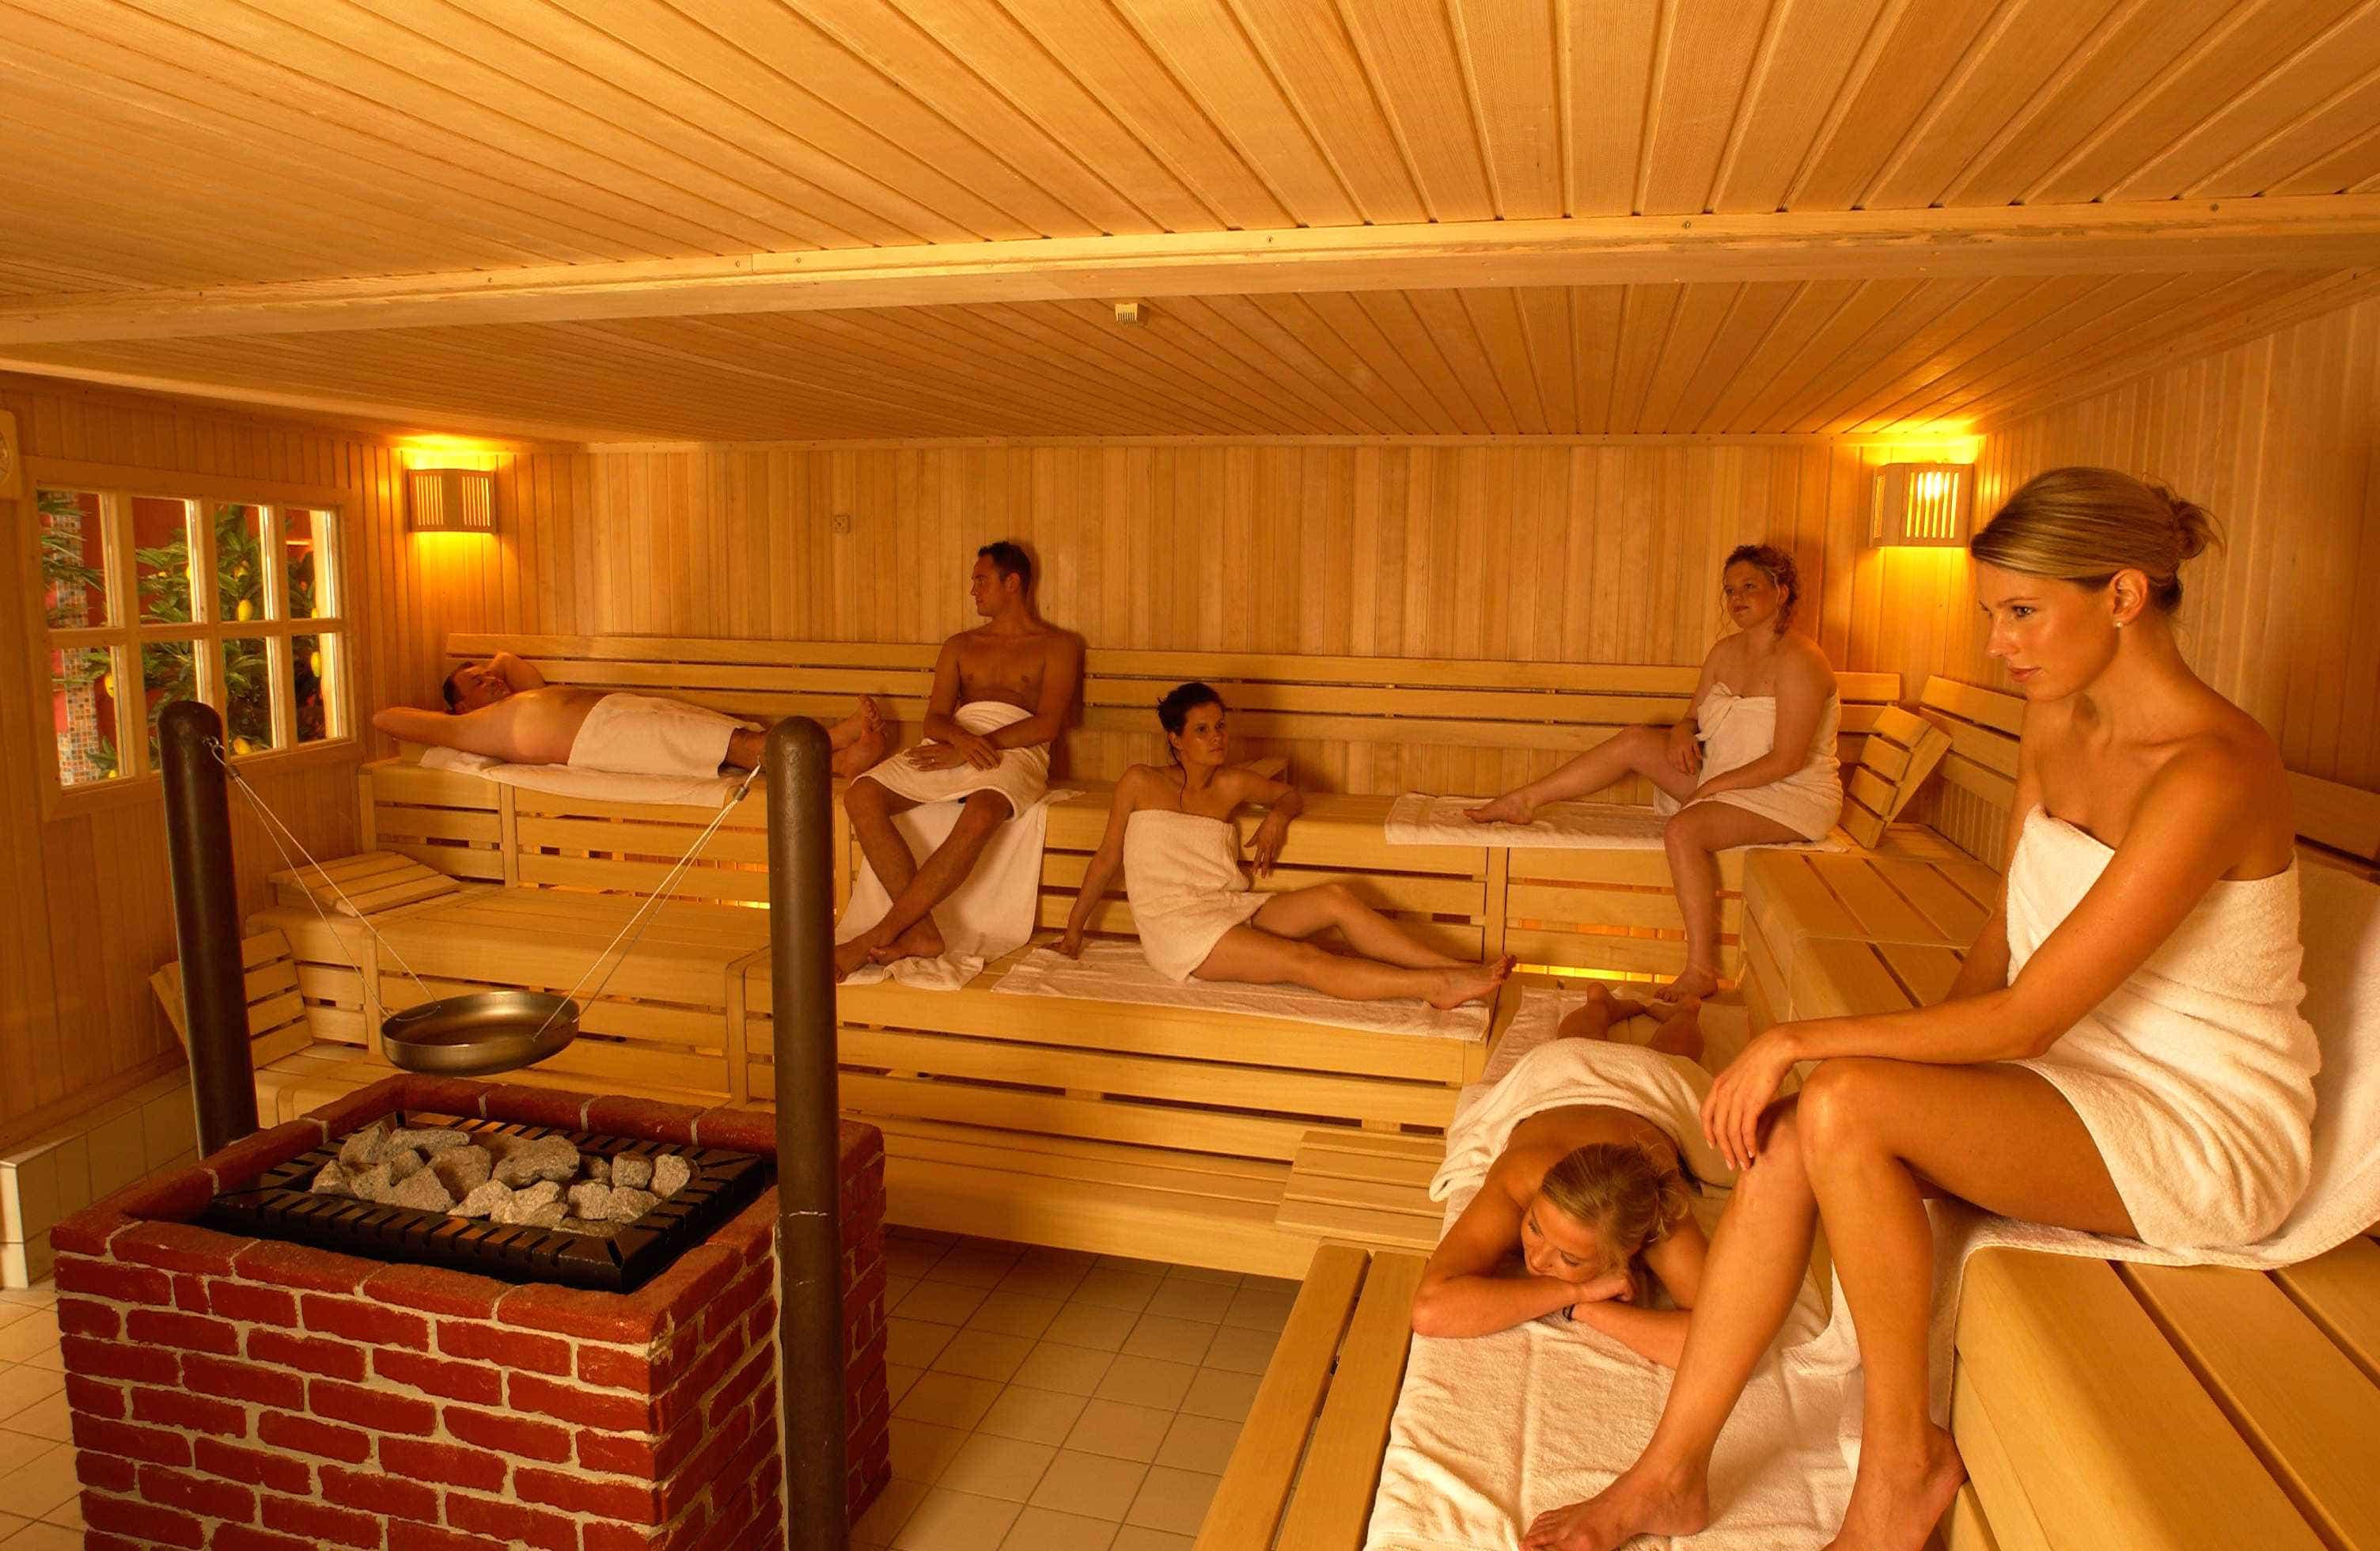 Приколы в русской бане 12 фотография